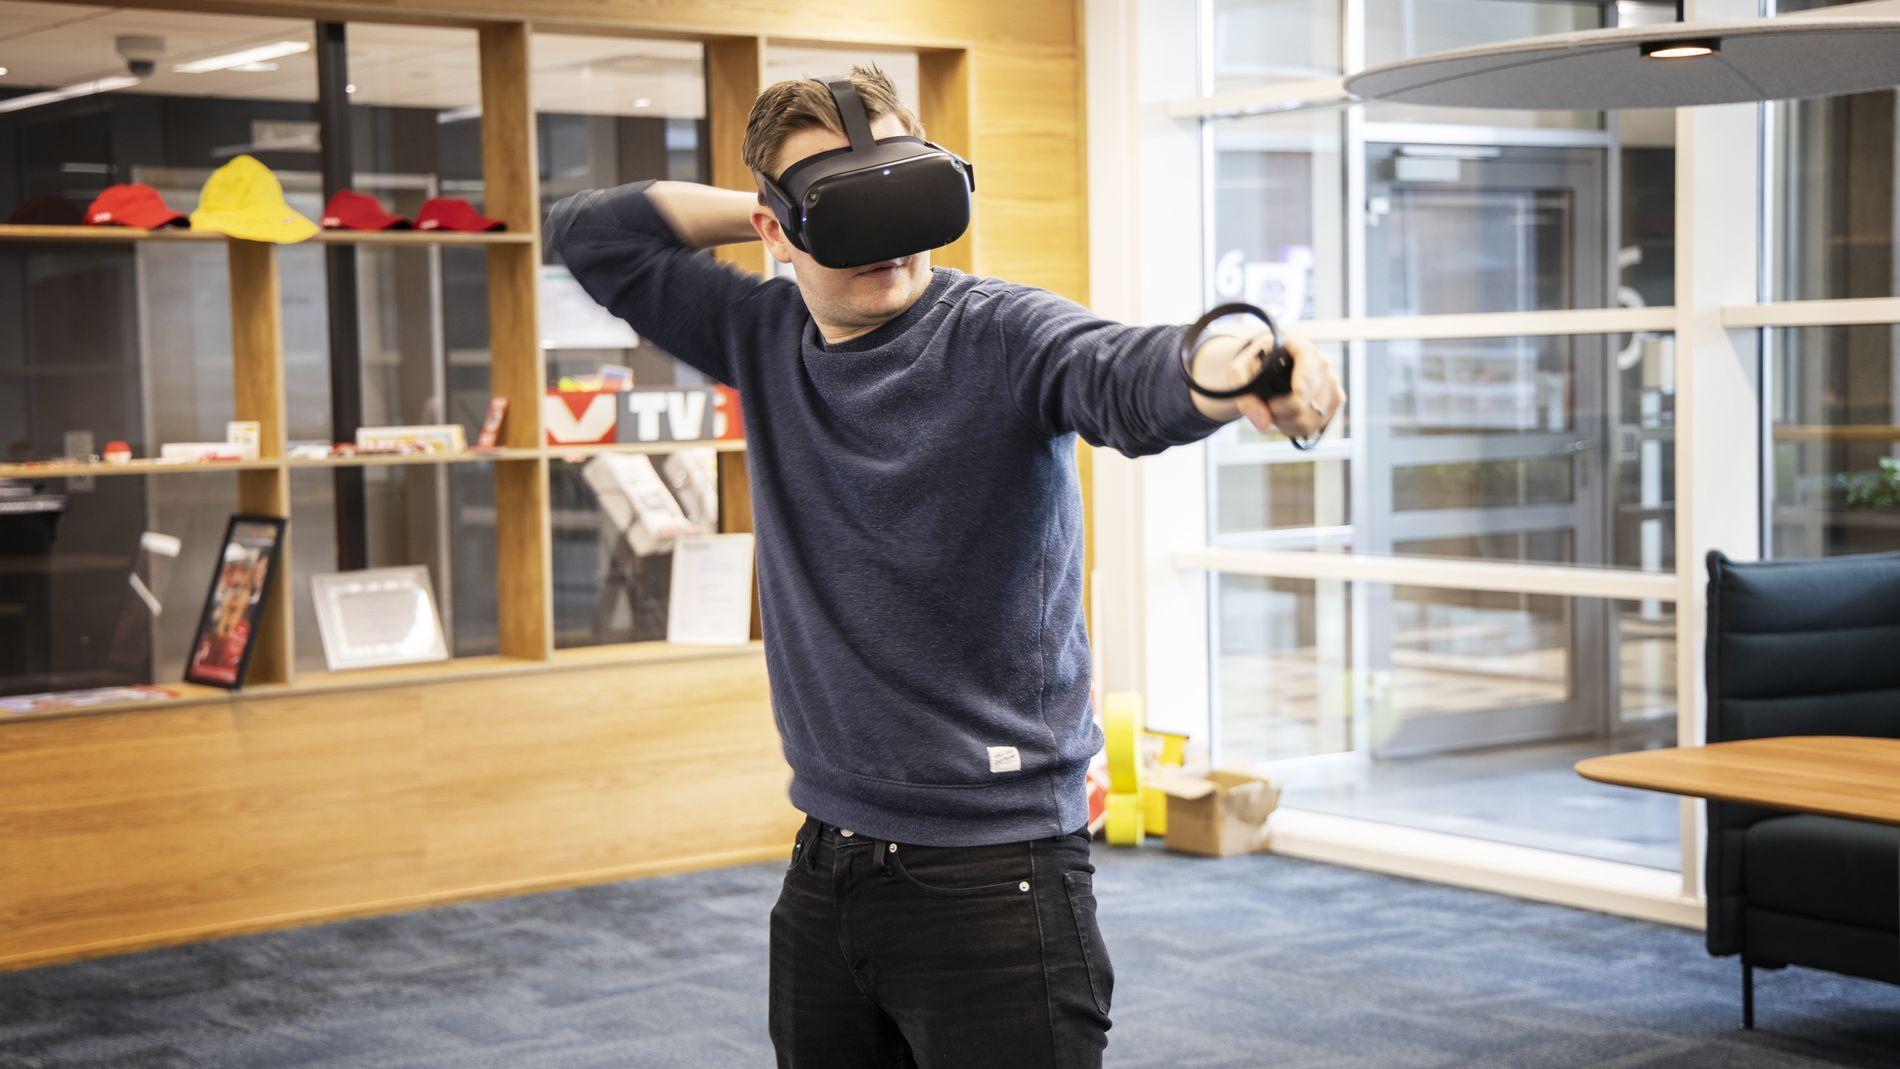 Vi liker Oculus Quest svært godt, spesielt siden du kan bruke det helt uten å være koblet til noe. Fremover får du både i pose og sekk, gitt at du har en kraftig nok PC.